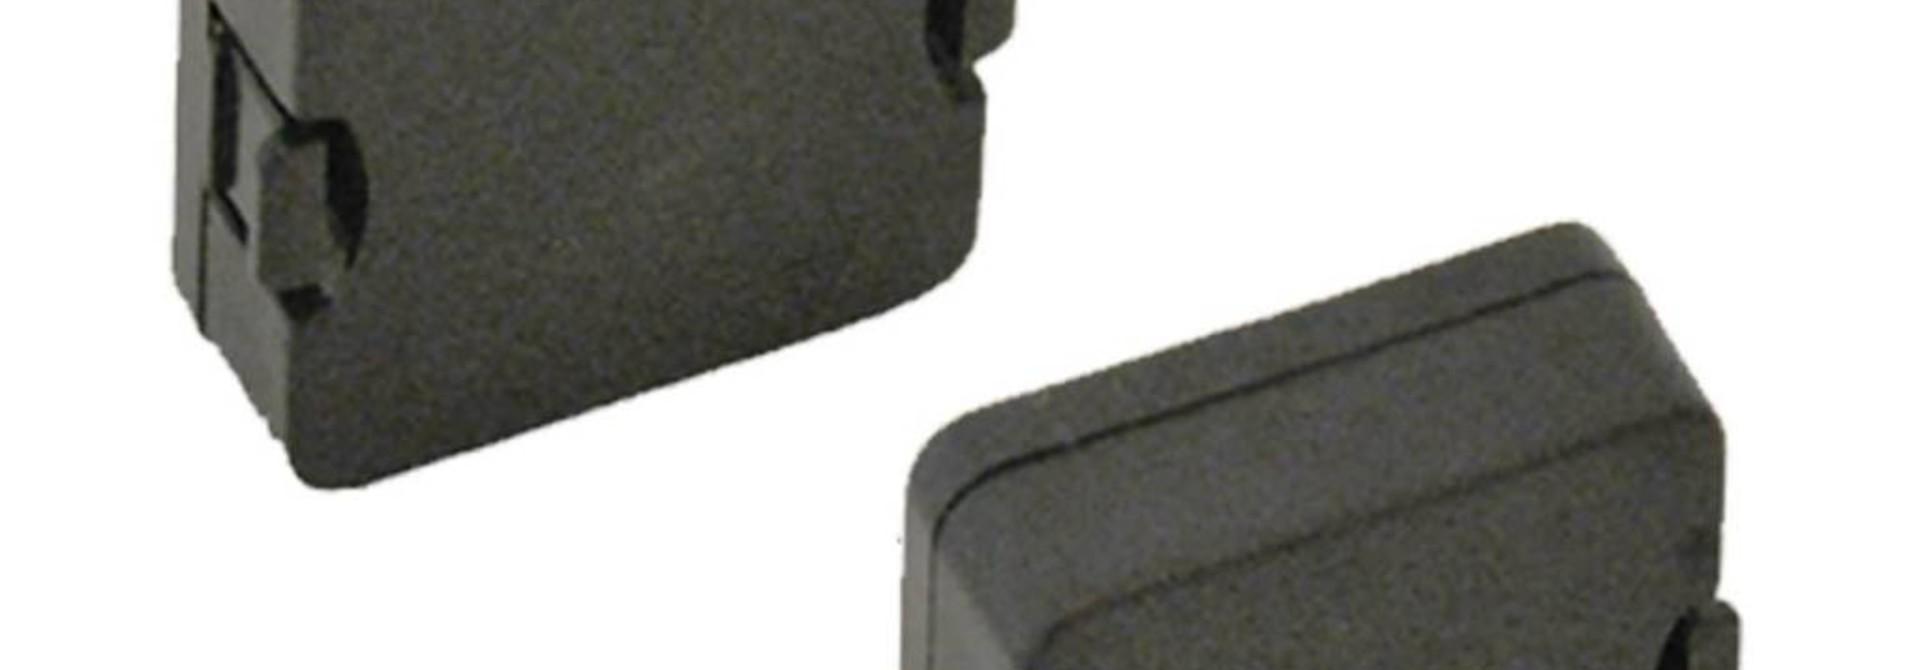 BT-3 Collar Batteries 2pk